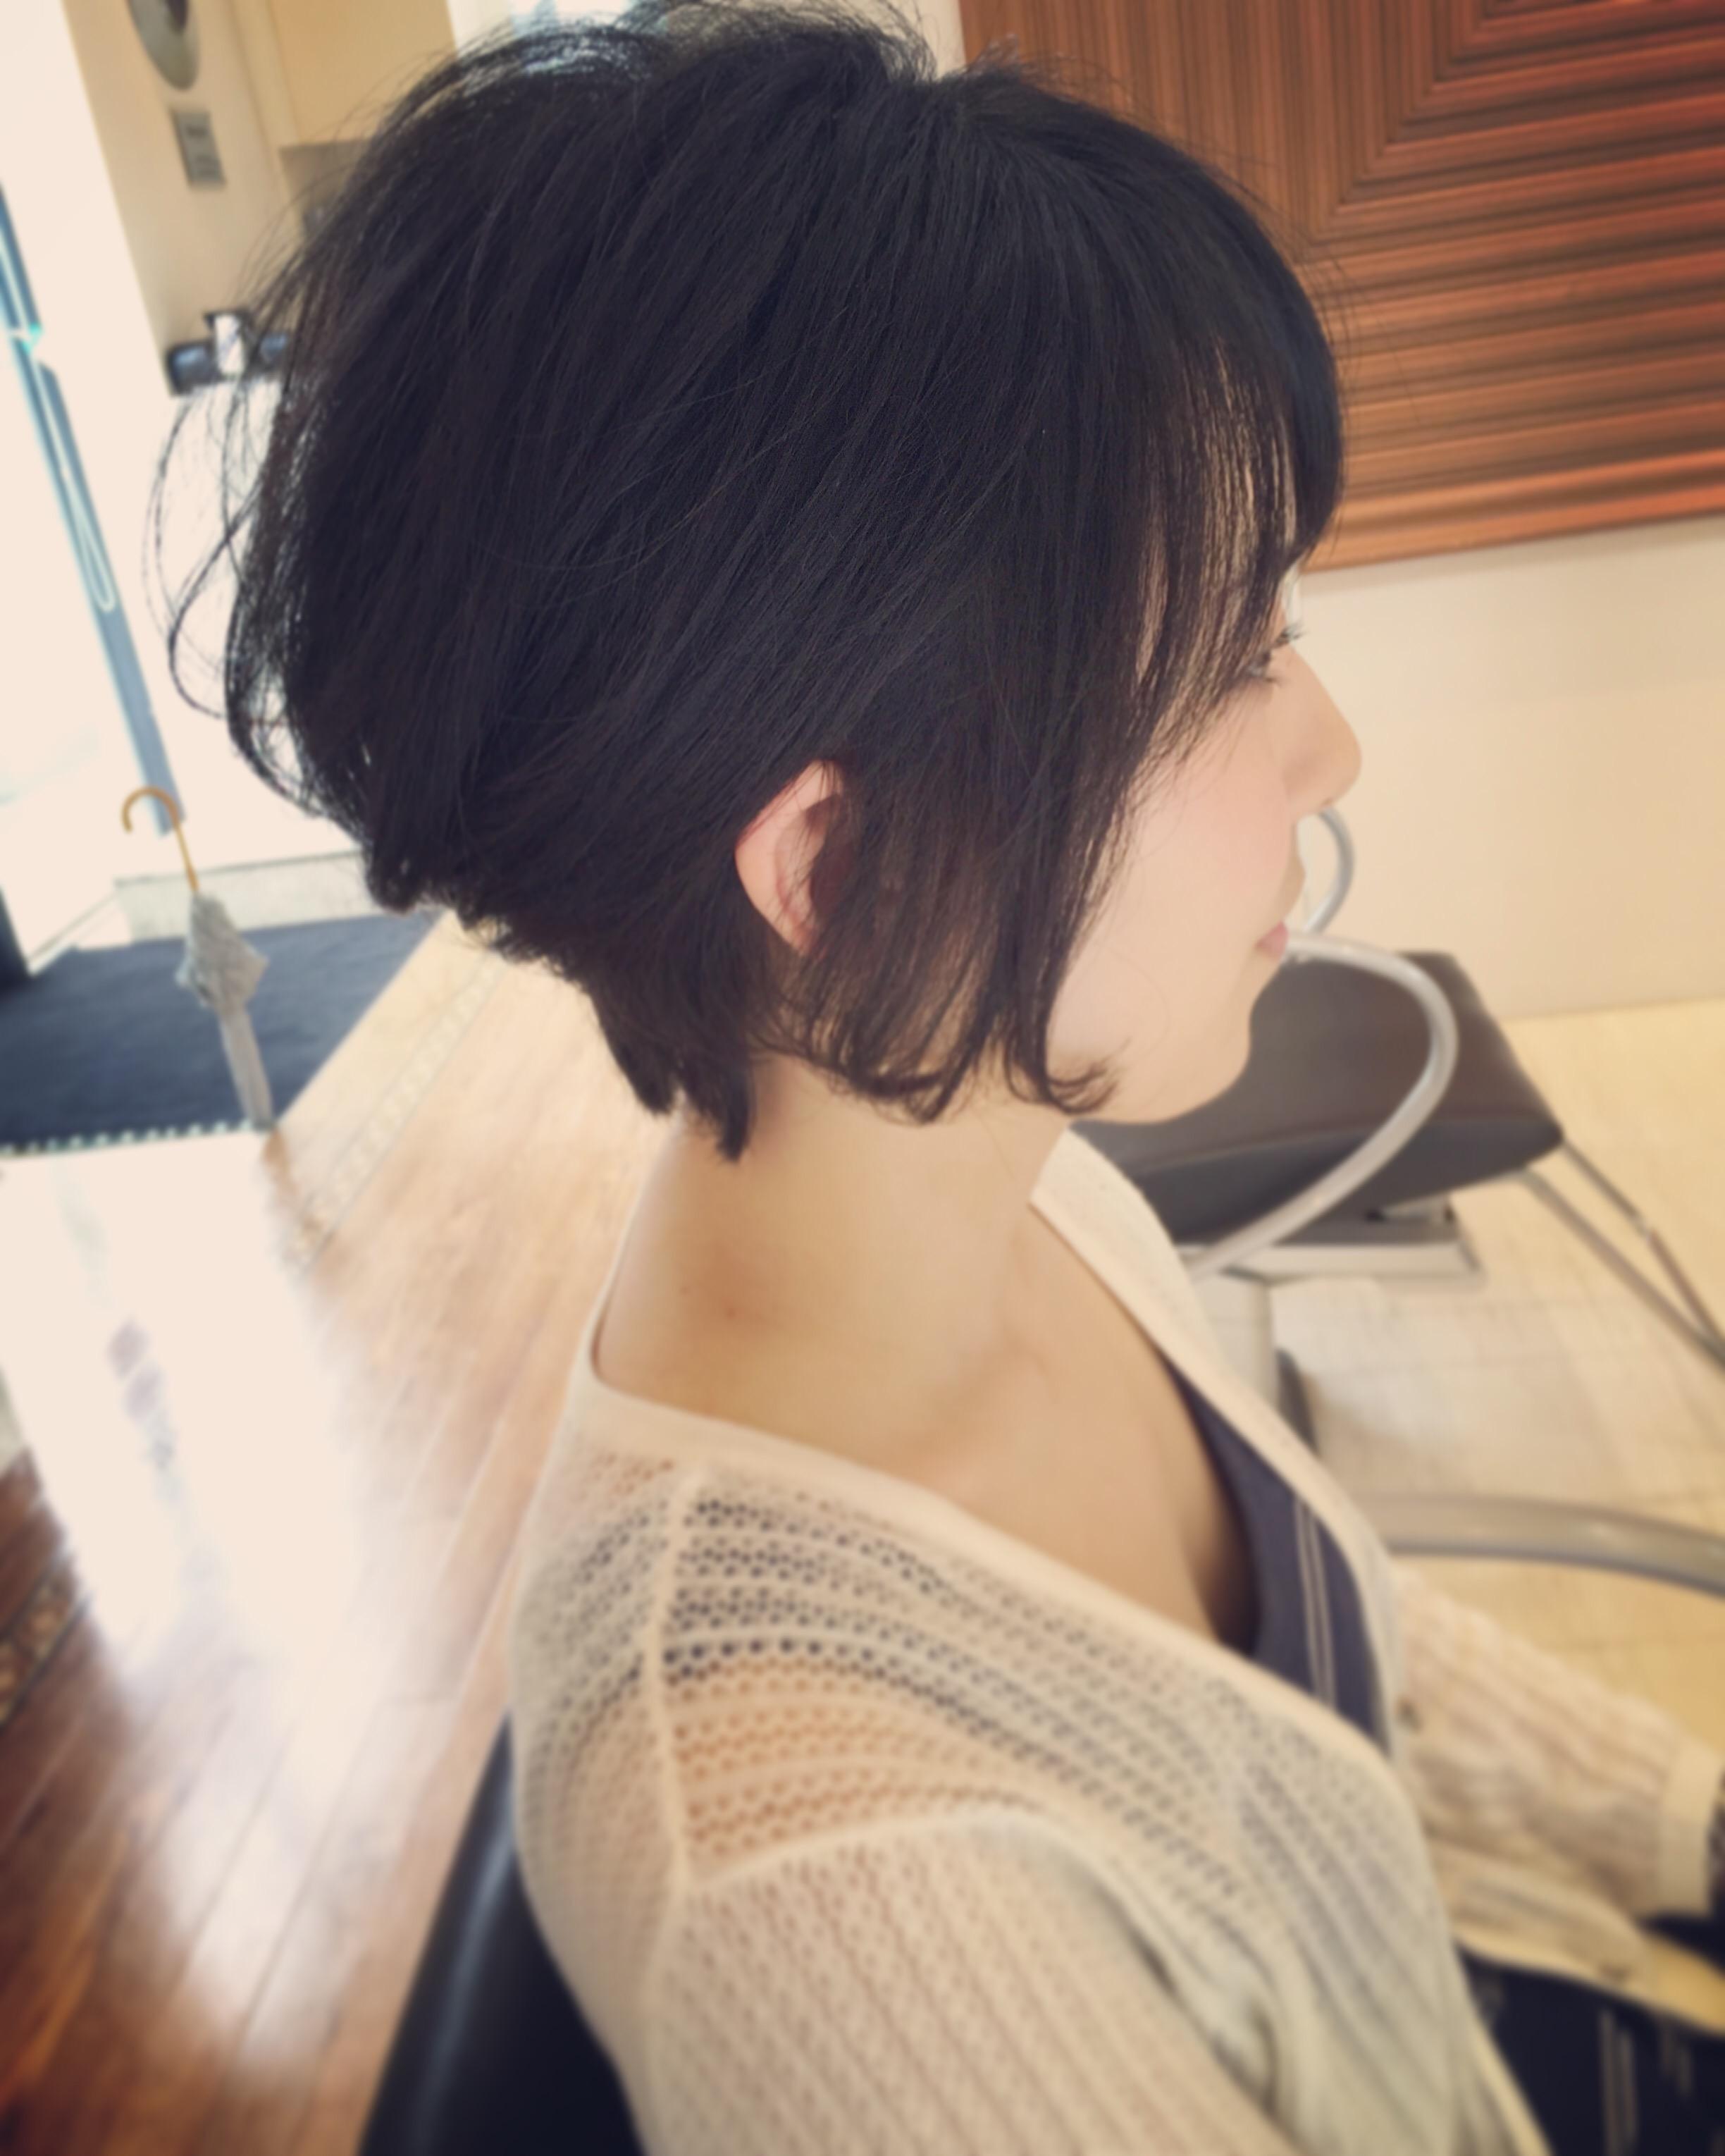 髪が多くて硬くて膨らむくせ毛は実はショート ヘアに向いている